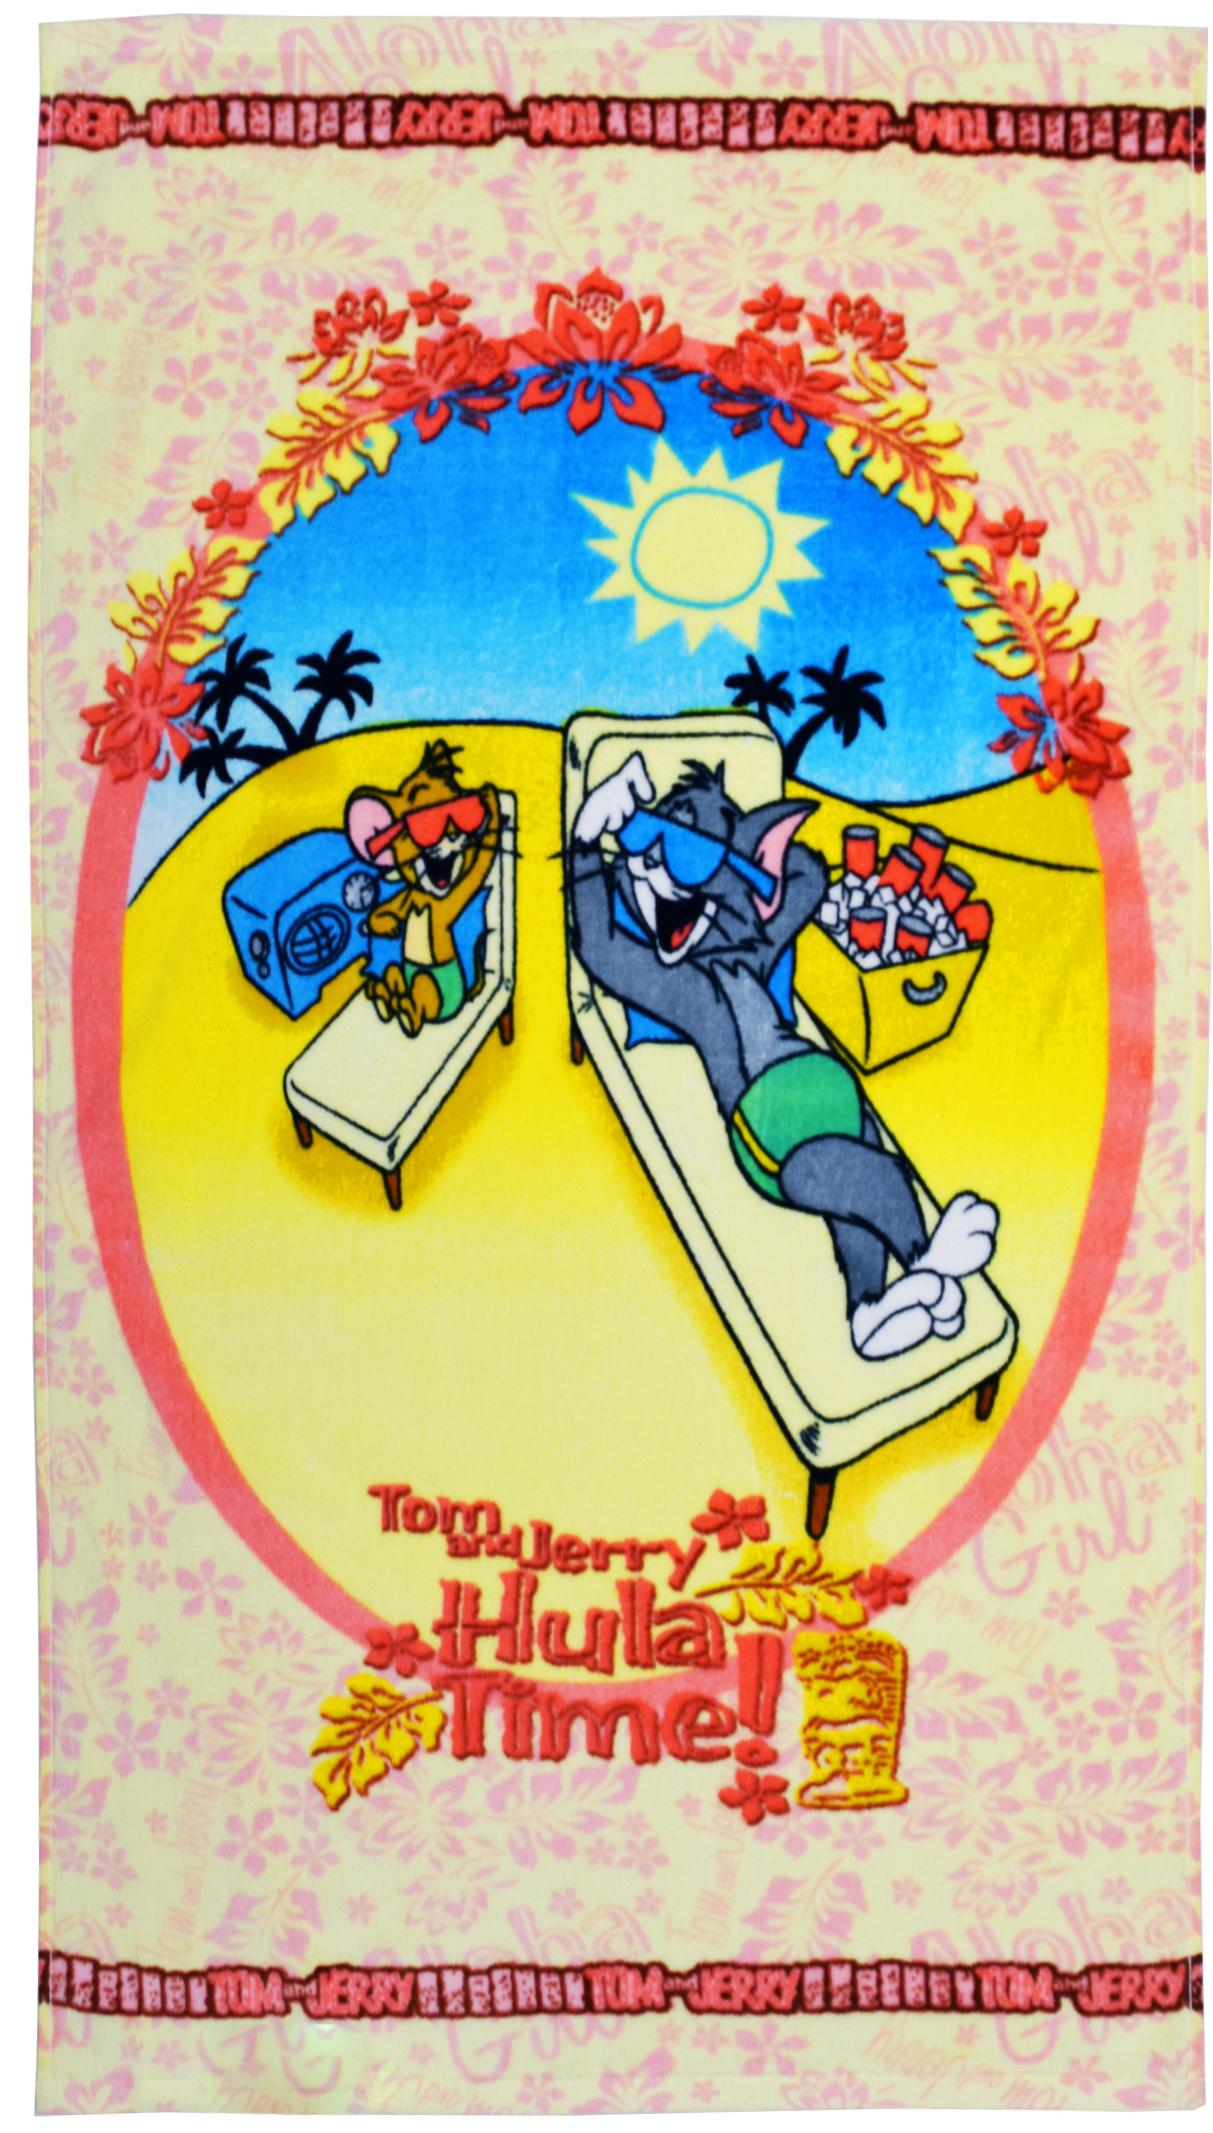 Полотенце 50*90 см, махровое, Том и Джерри на отдыхе01300215954Красочные полотенца 2 в 1: одна сторона развлекает, другая — вытирает. Разнообразие расцветок полотенец поможет окунуться в мир волшебных сказок и мультипликационных героев.